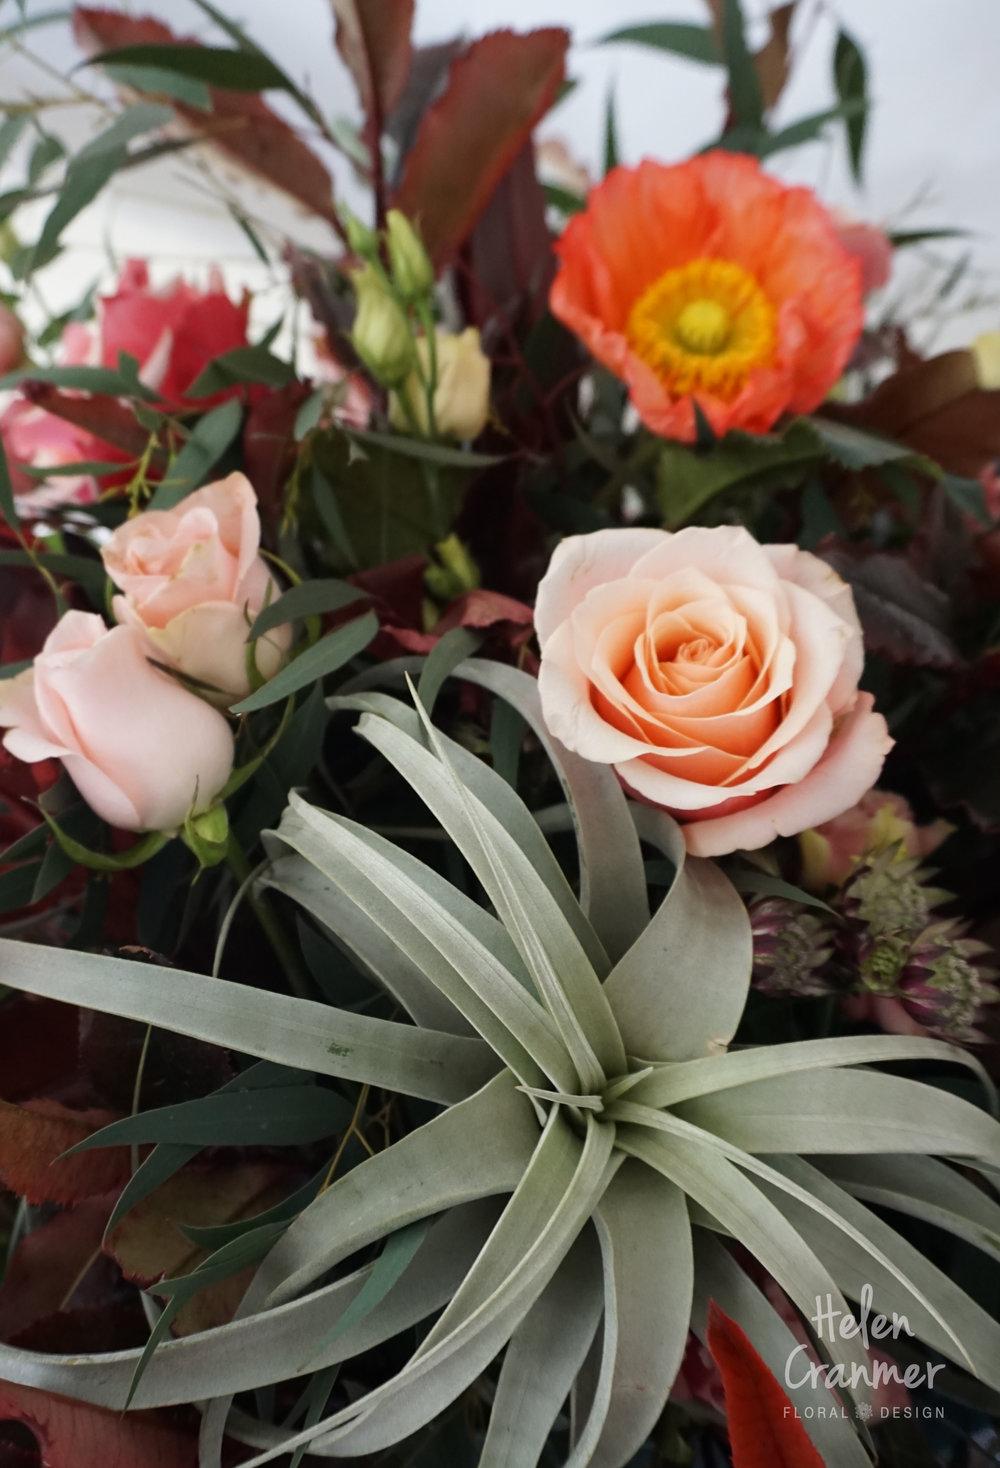 Helen Cranmer Floral Design Flowers Most curious wedding fair (24 of 64).jpg